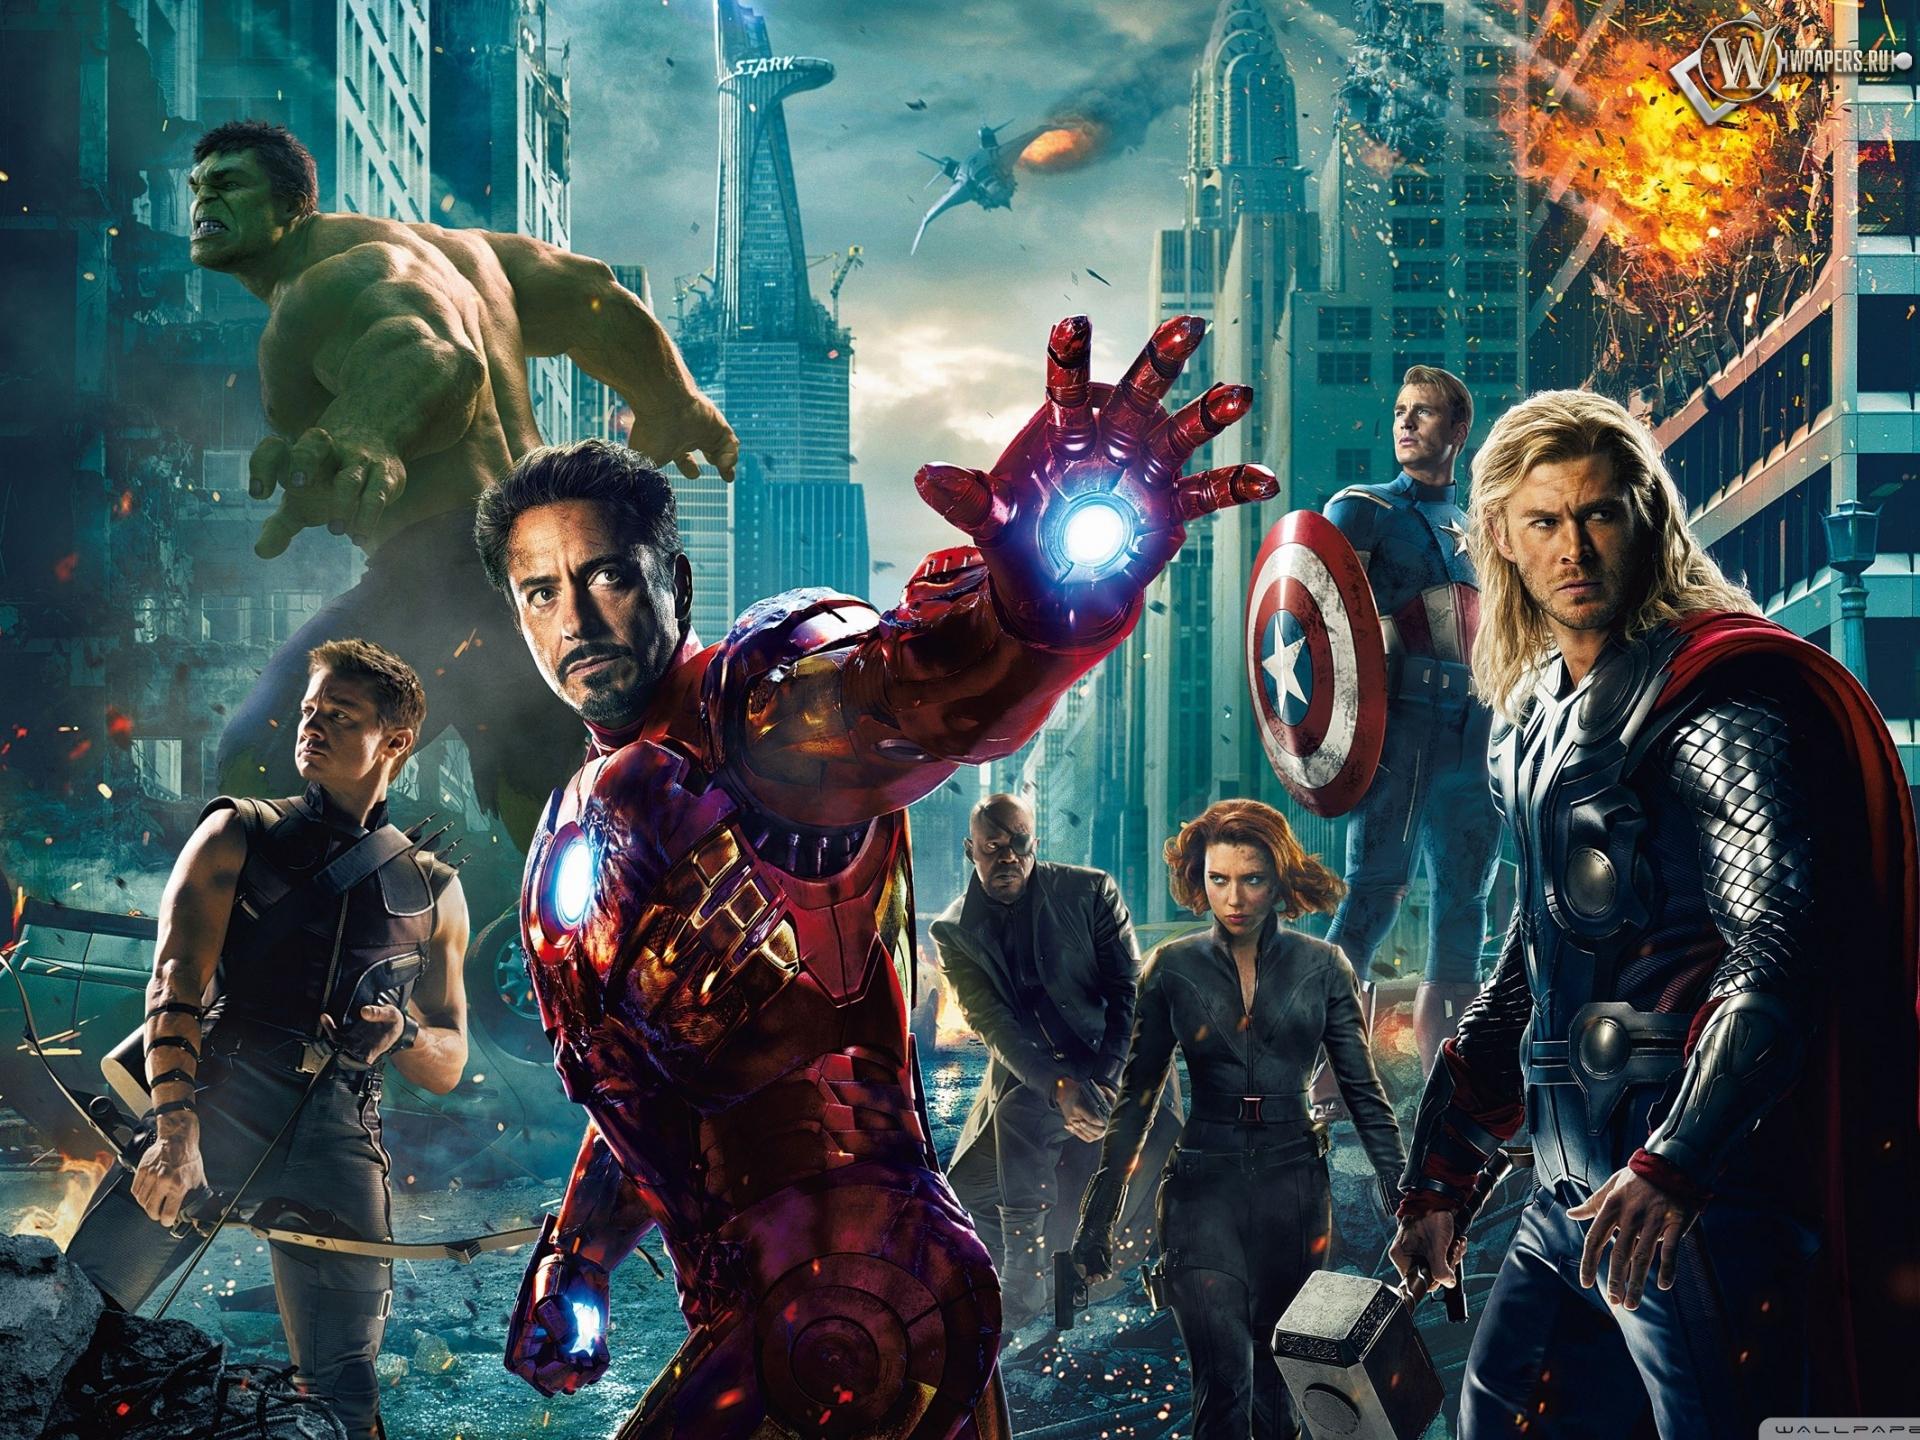 Мстители (The Avengers) 1920x1440